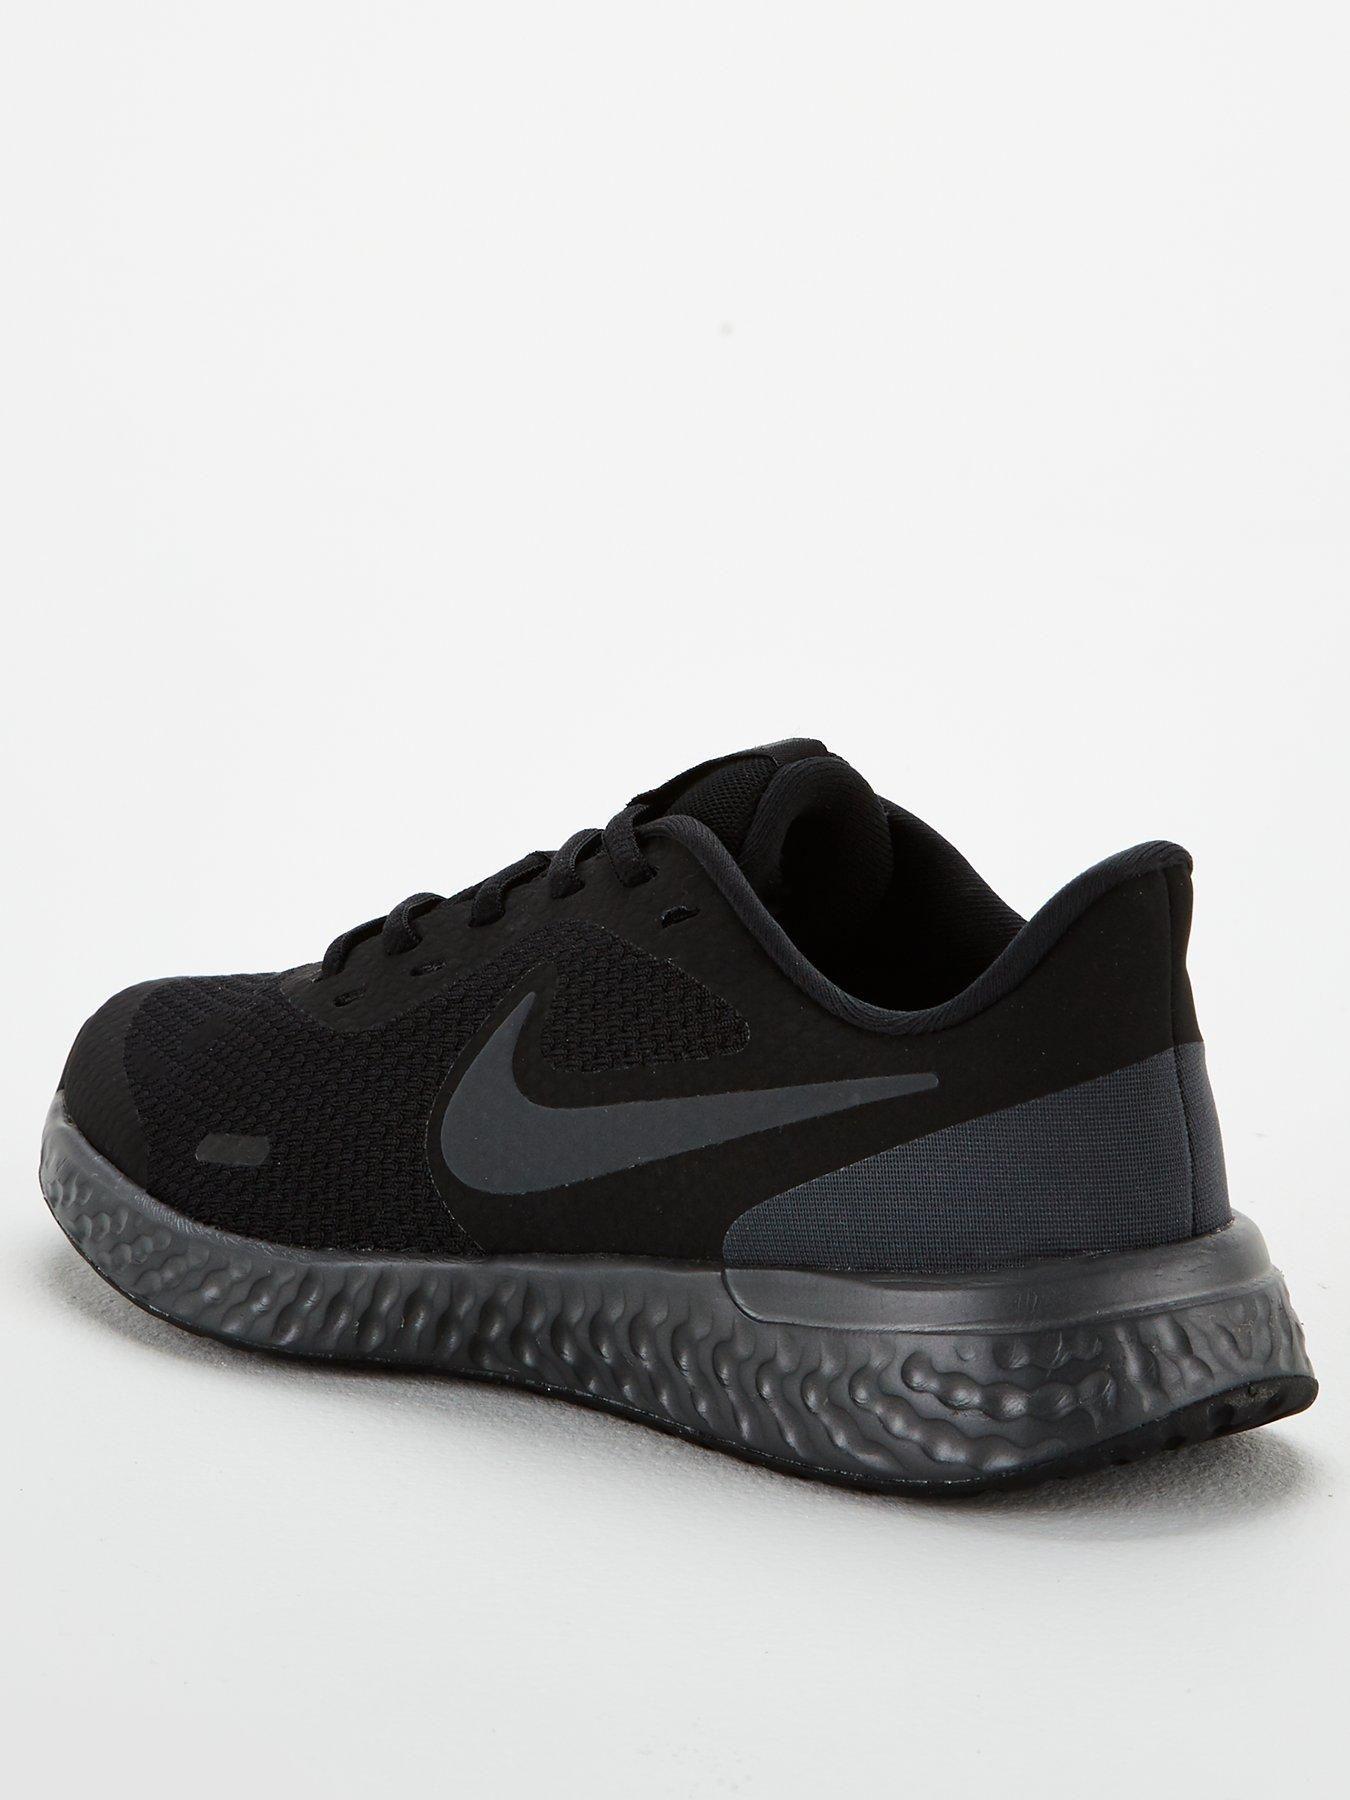 black nike trainers 5.5